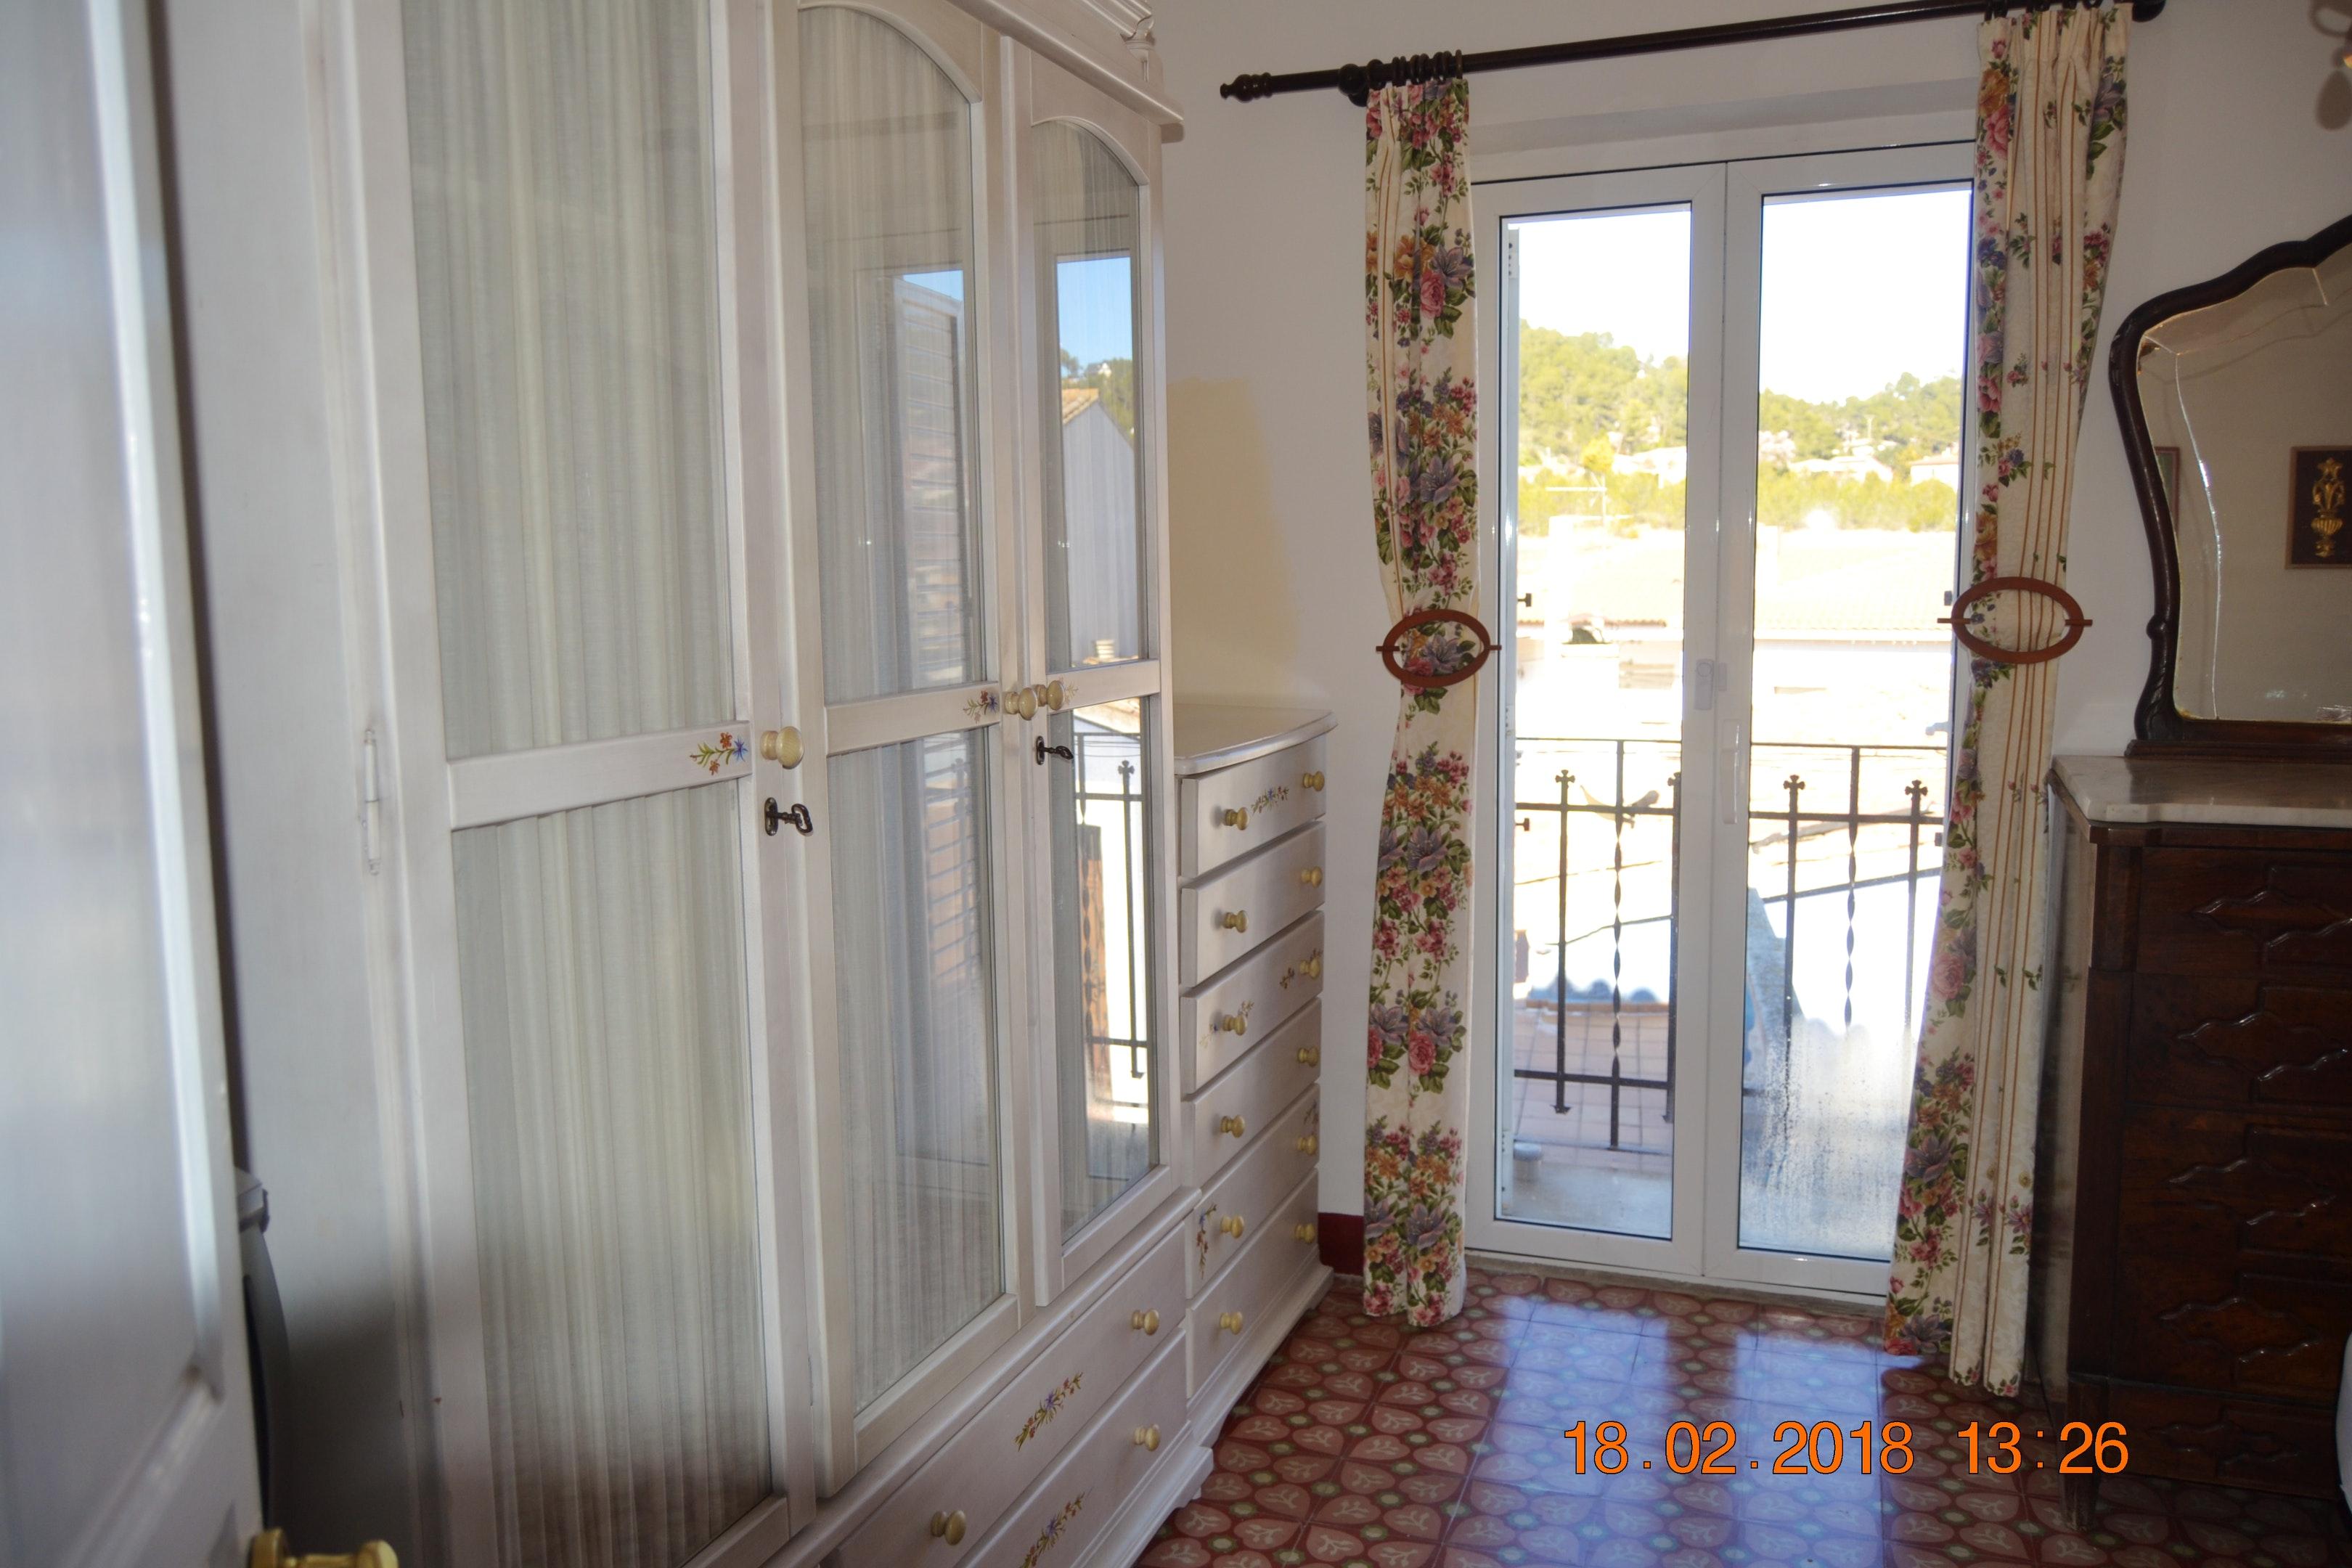 Ferienhaus Haus mit 4 Schlafzimmern in Sant Pere Sacarrera mit toller Aussicht auf die Berge, möblier (2217248), Sant Pere Sacarrera, Barcelona, Katalonien, Spanien, Bild 52